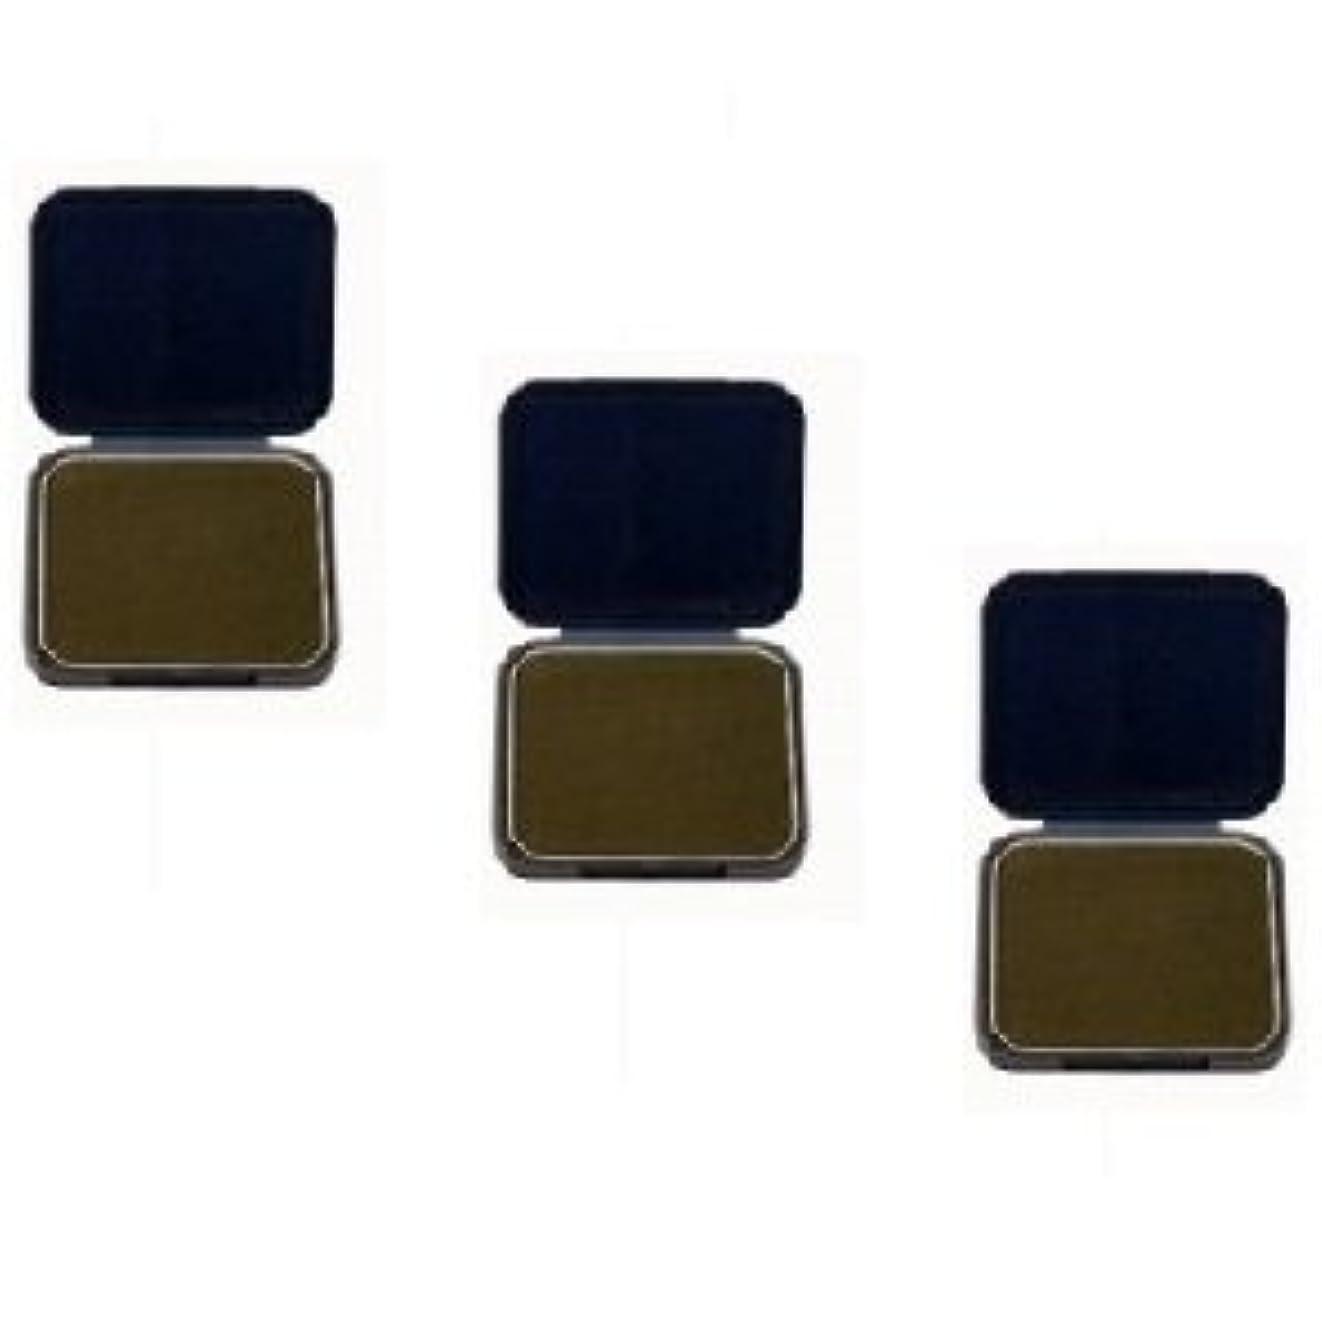 いたずらな作ります原点【3個セット】 アモロス 黒彩 ヘアファンデーション 13g 栗 詰替え用レフィル